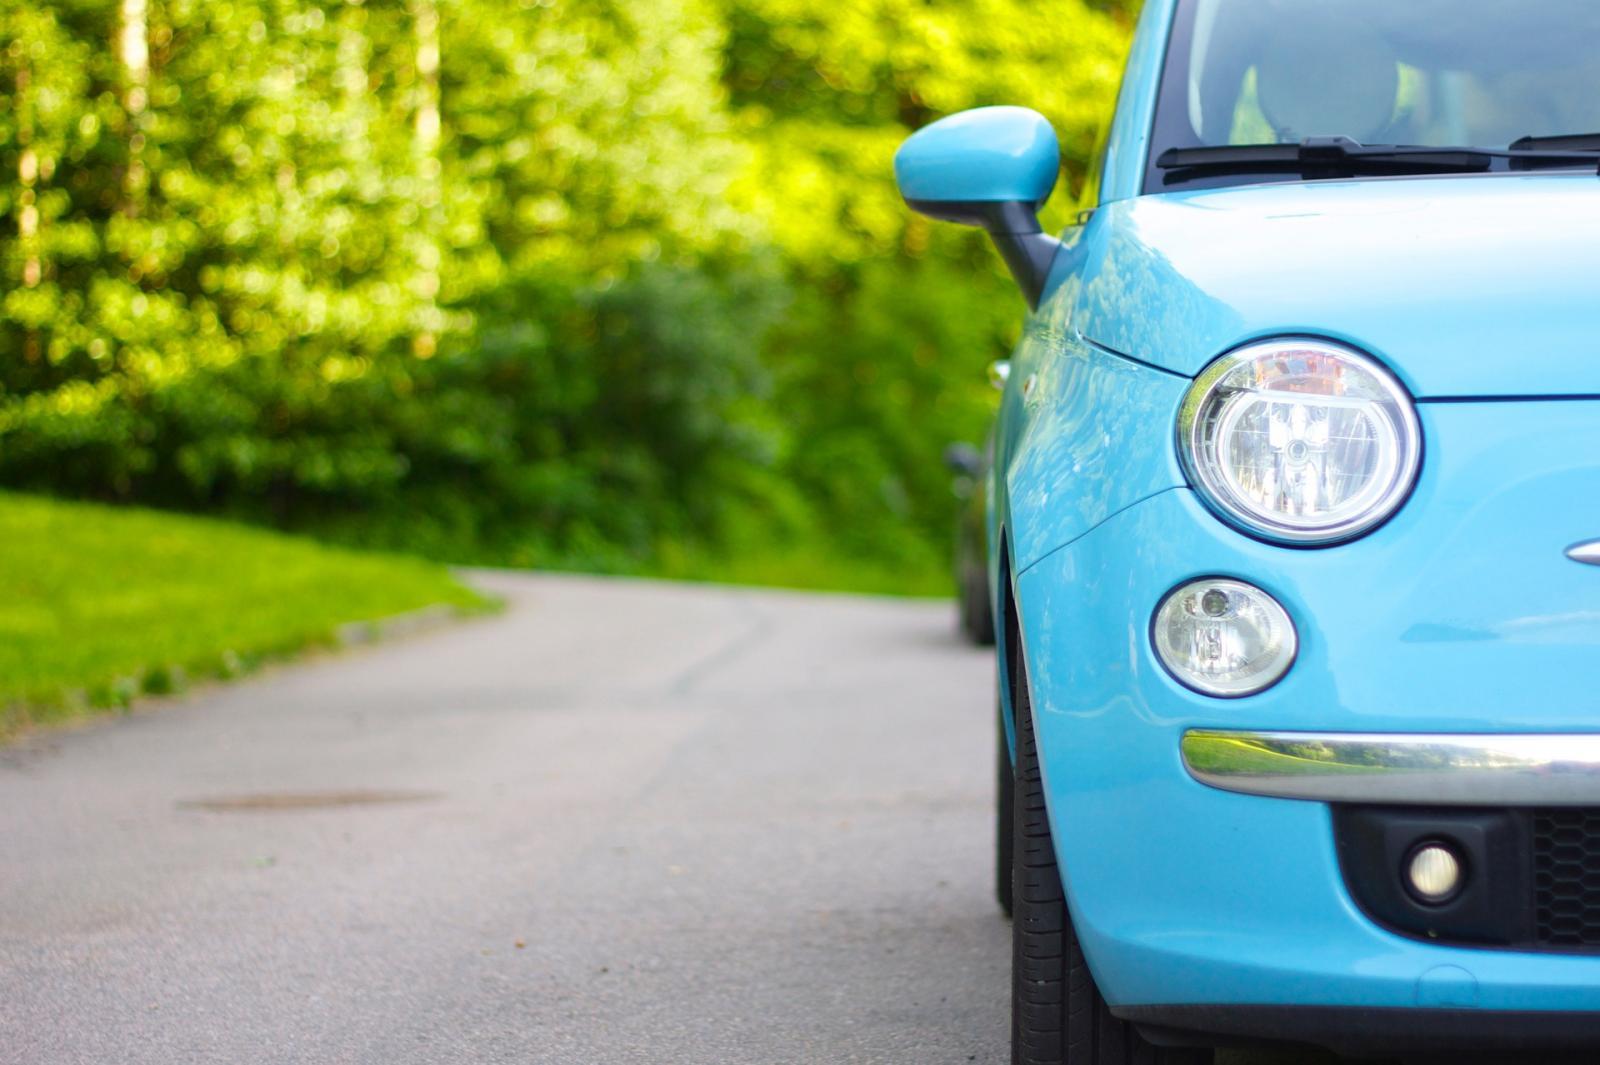 Comprar auto en linea: Auto hatchback de color azul ligero